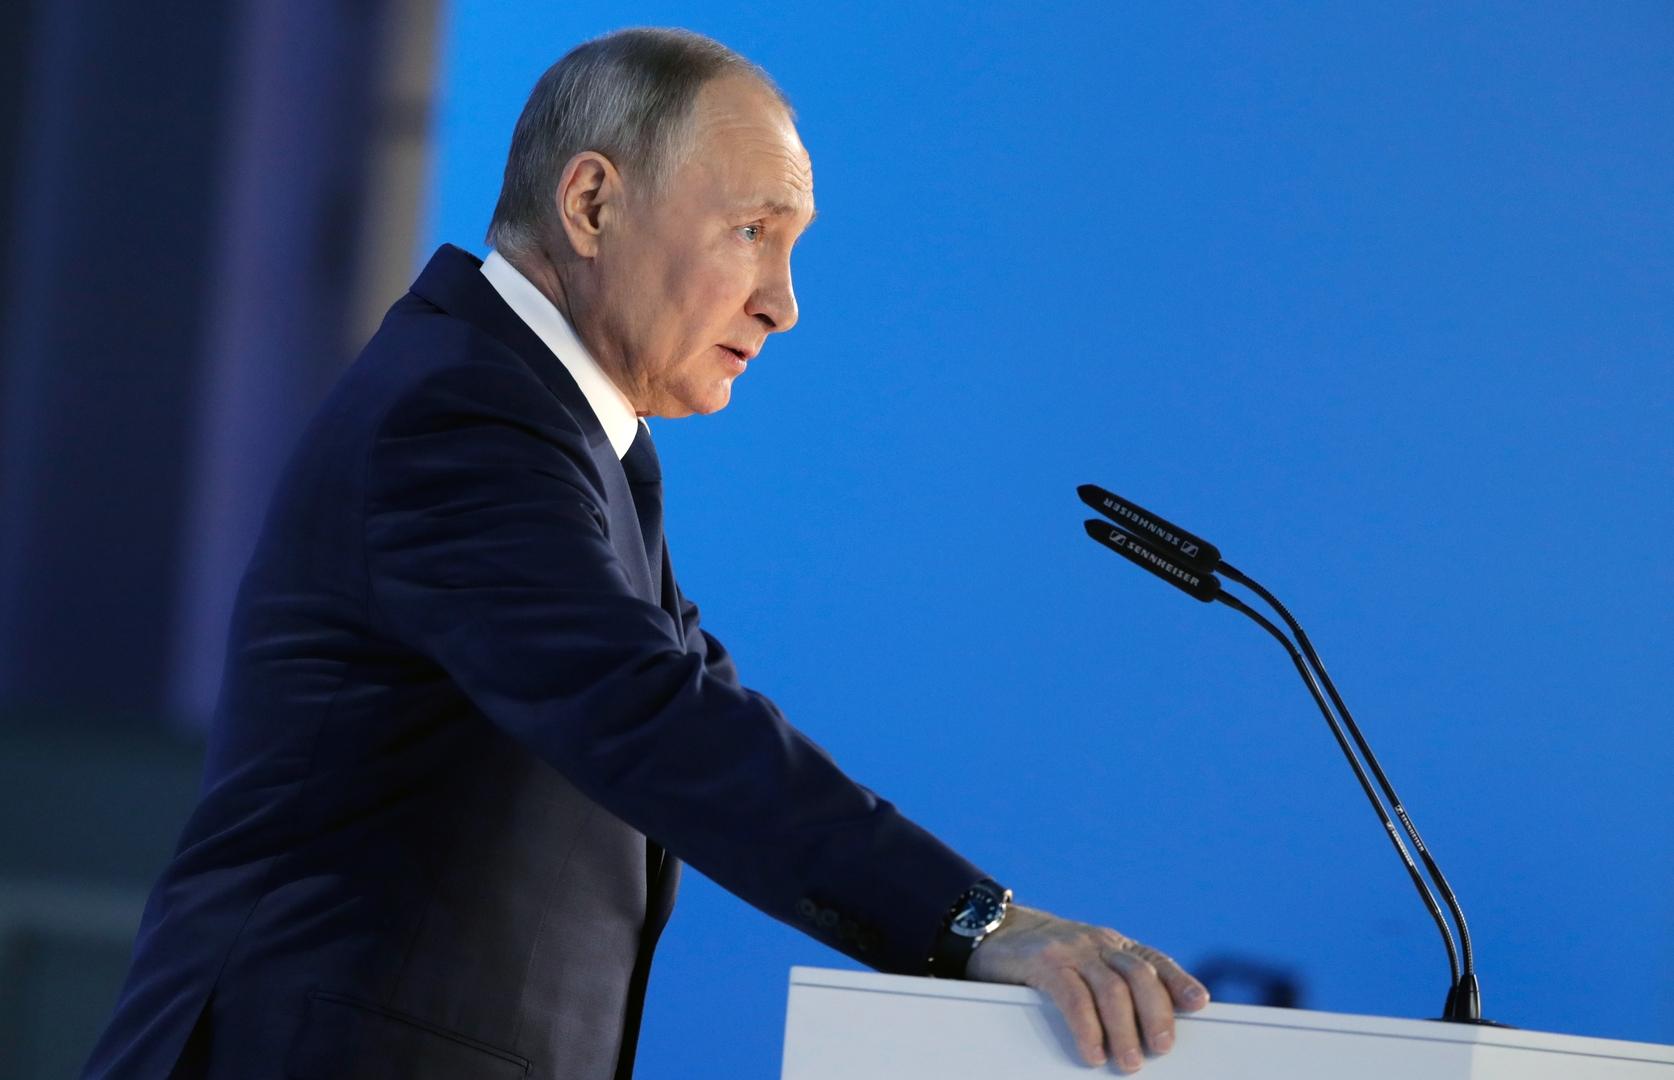 بوتين: نتوخى أقصى درجات ضبط النفس لكن مدبري أي استفزازات سيندمون ندما شديدا وردنا سيكون قاسيا